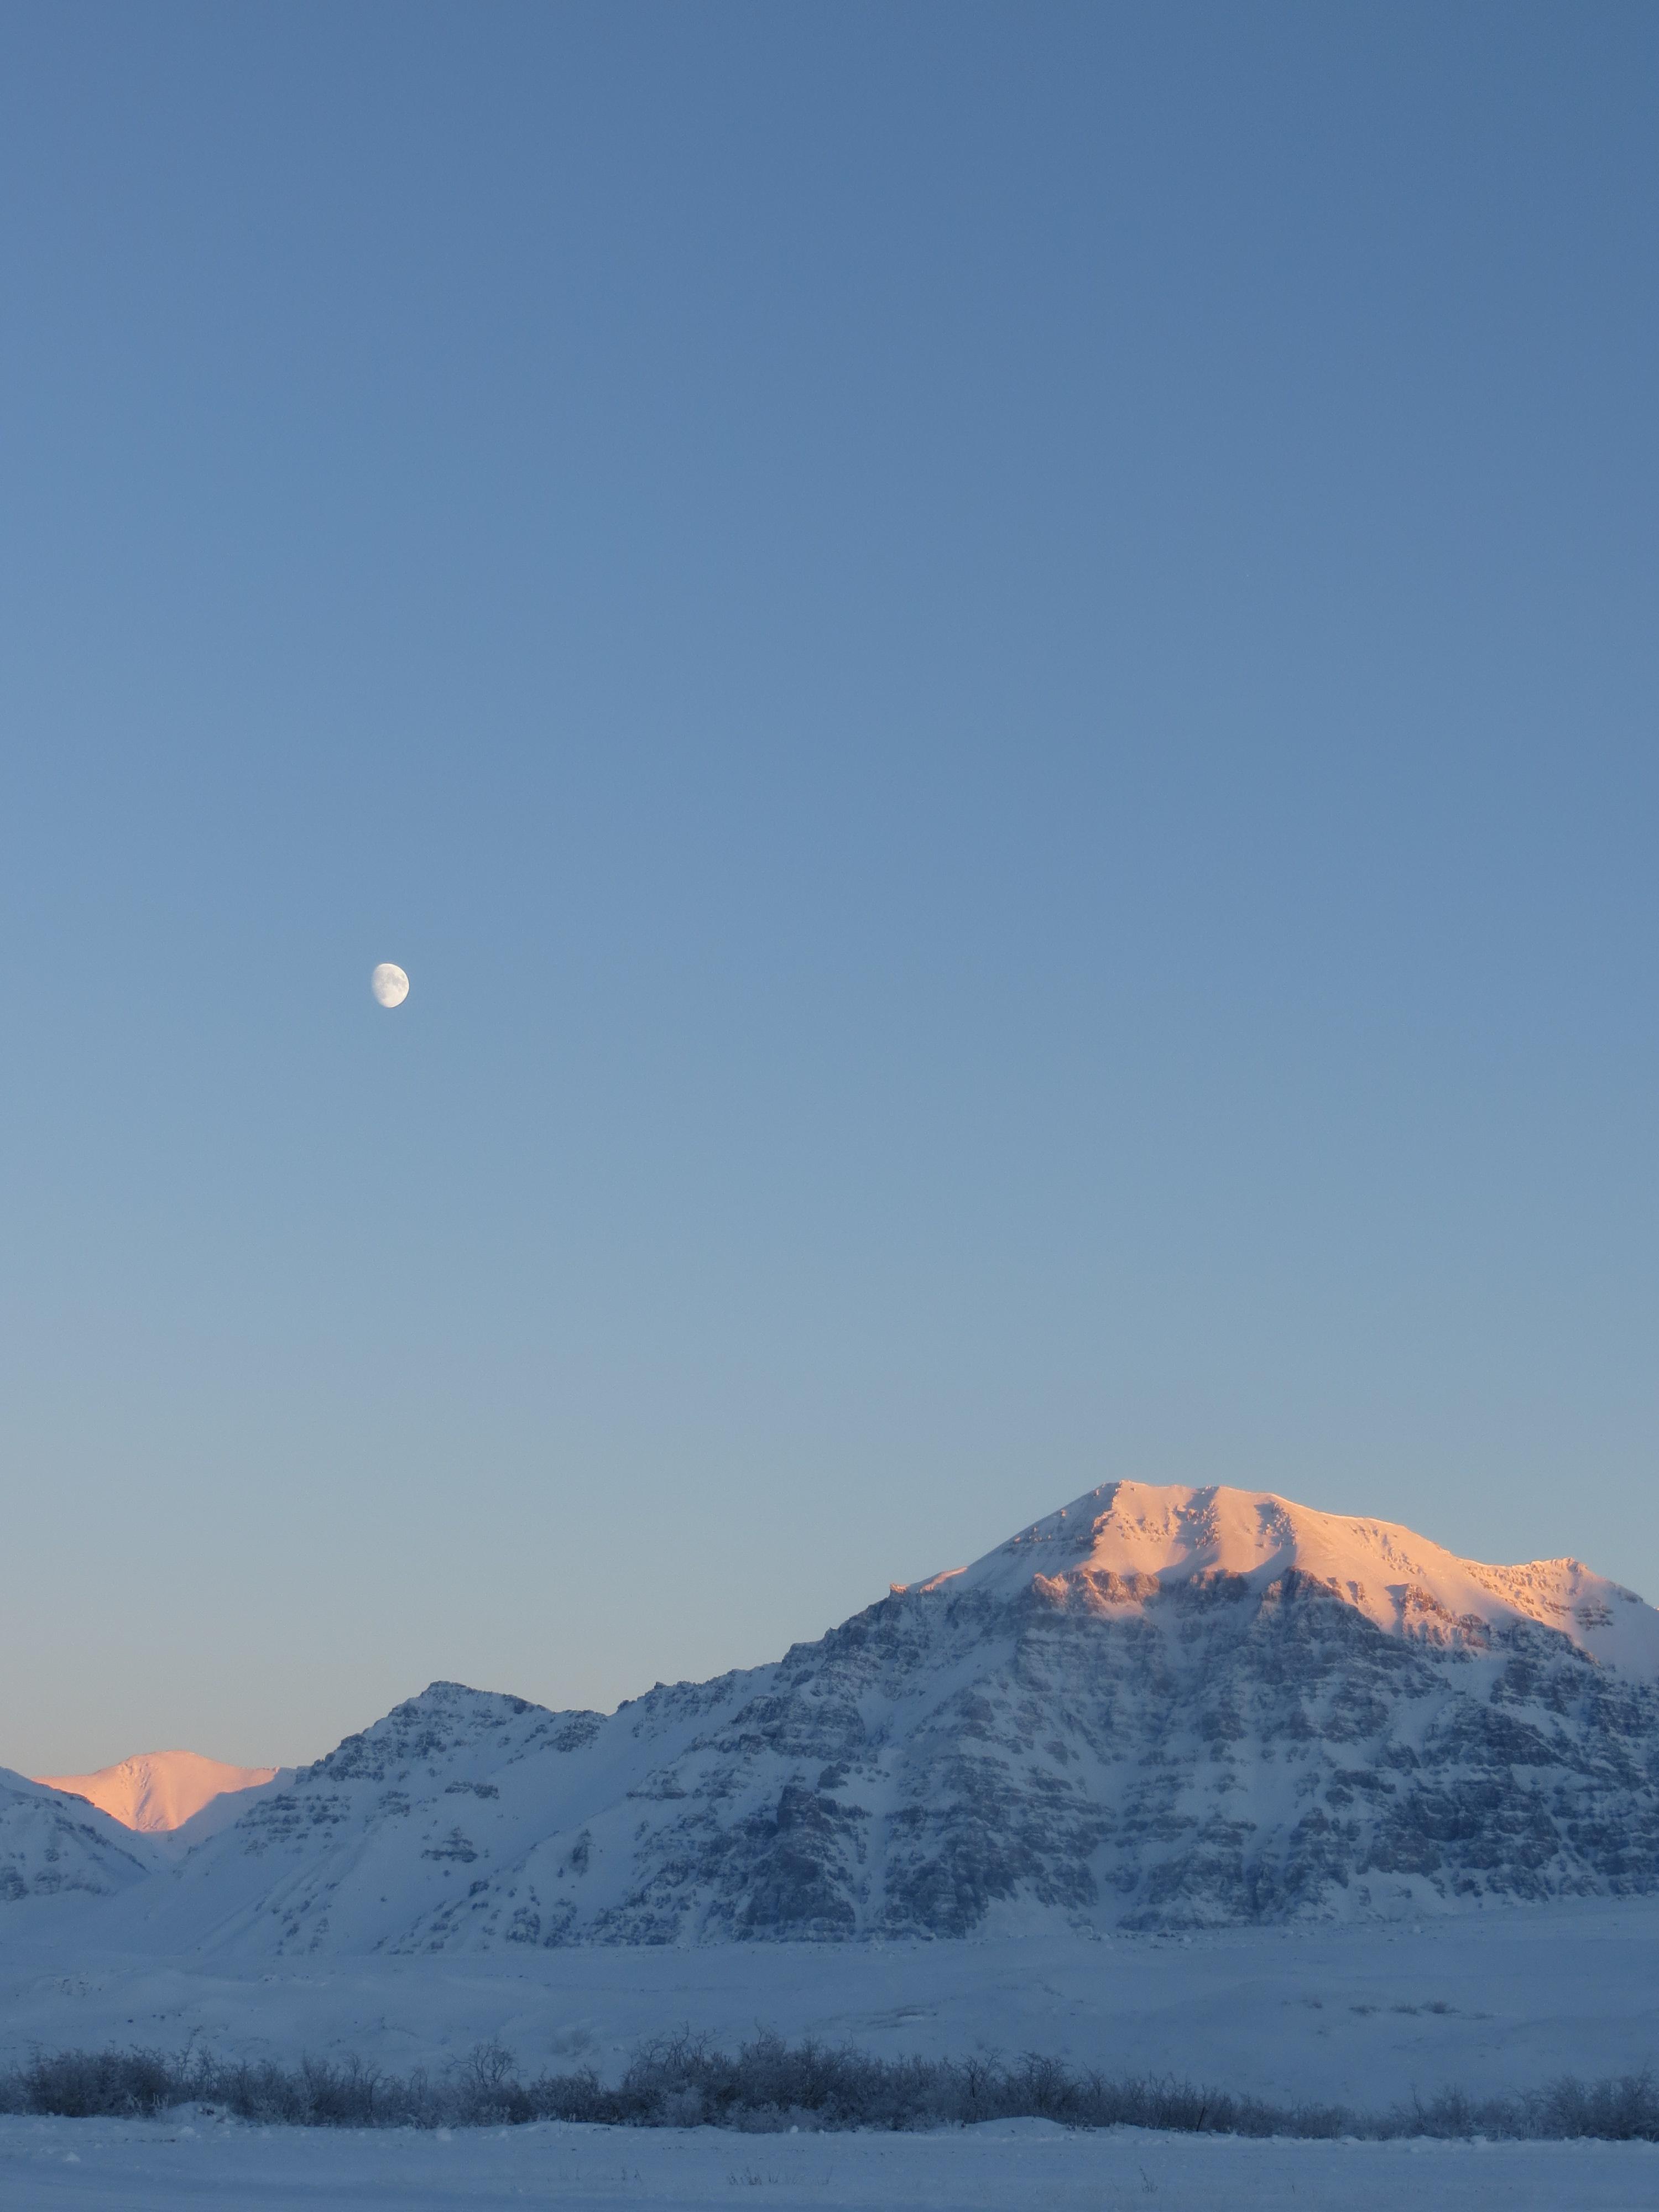 Moon Over a Mountain